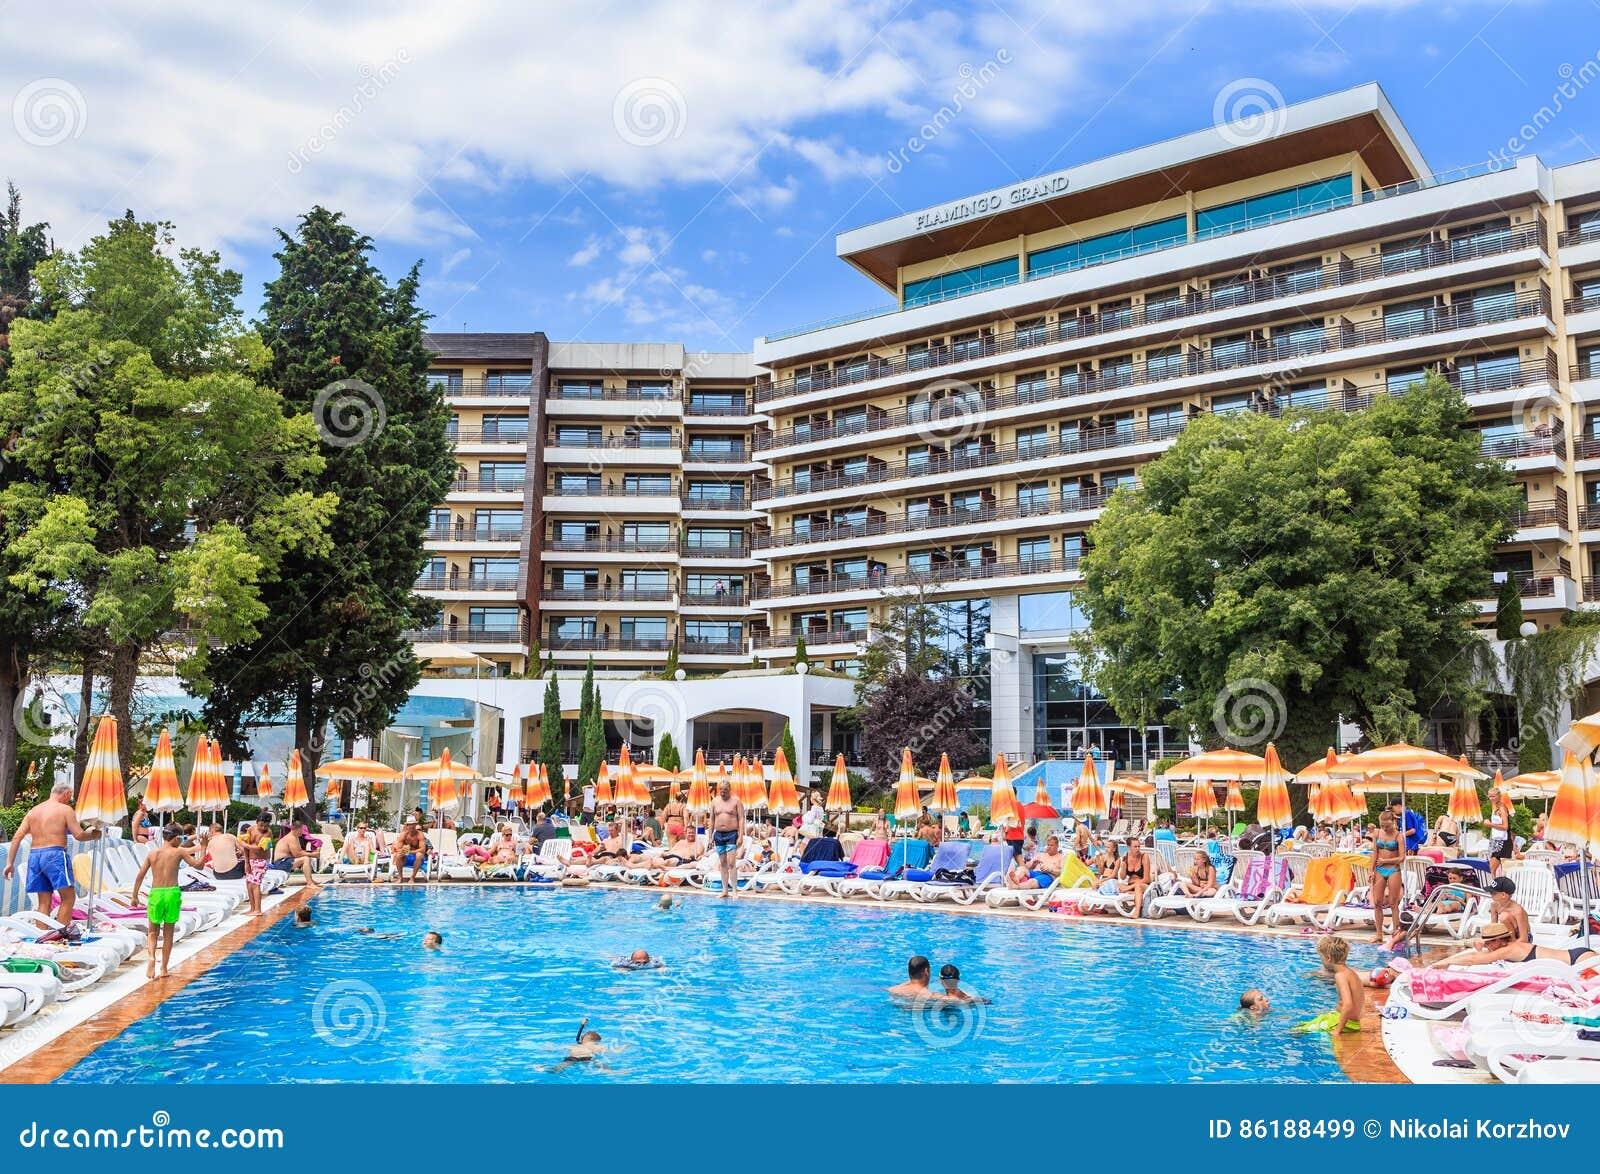 Hotel pool with people  Leute Schwimmen Im Pool Des Hotel Flamingo-großartigen Hotels Am ...